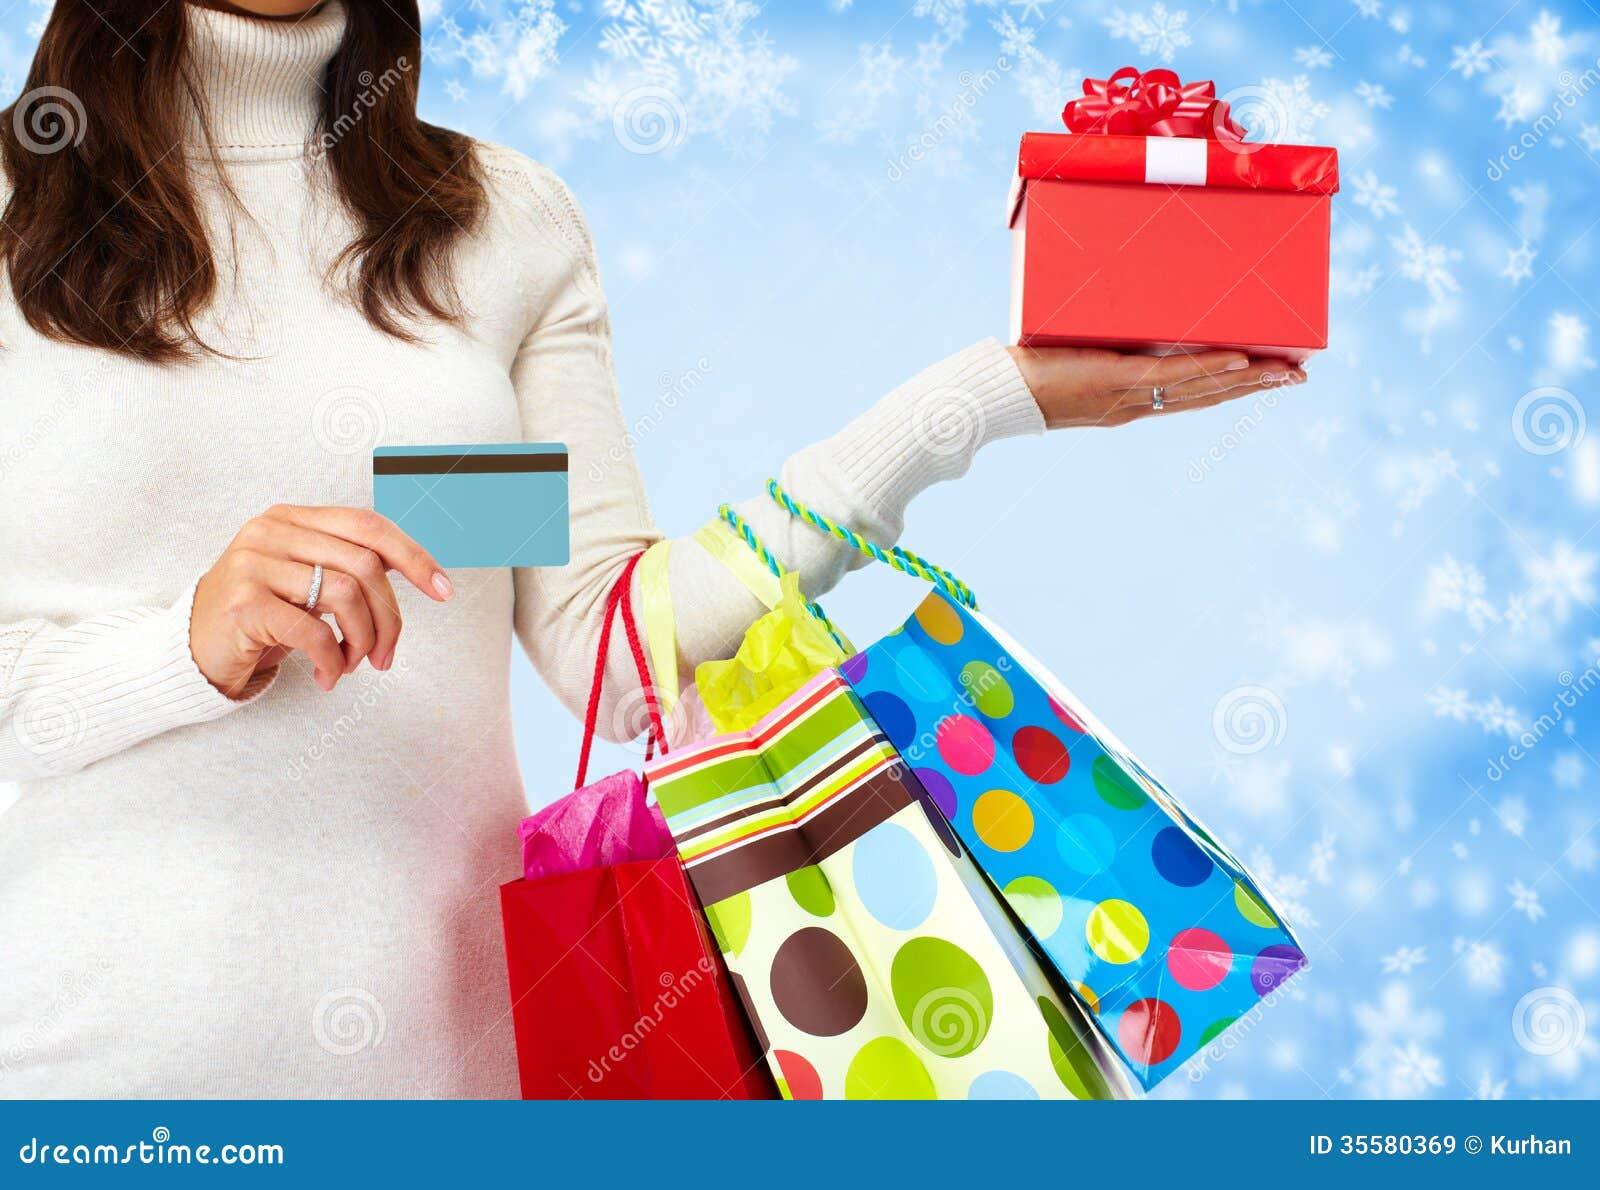 сервисы покупки фотографий